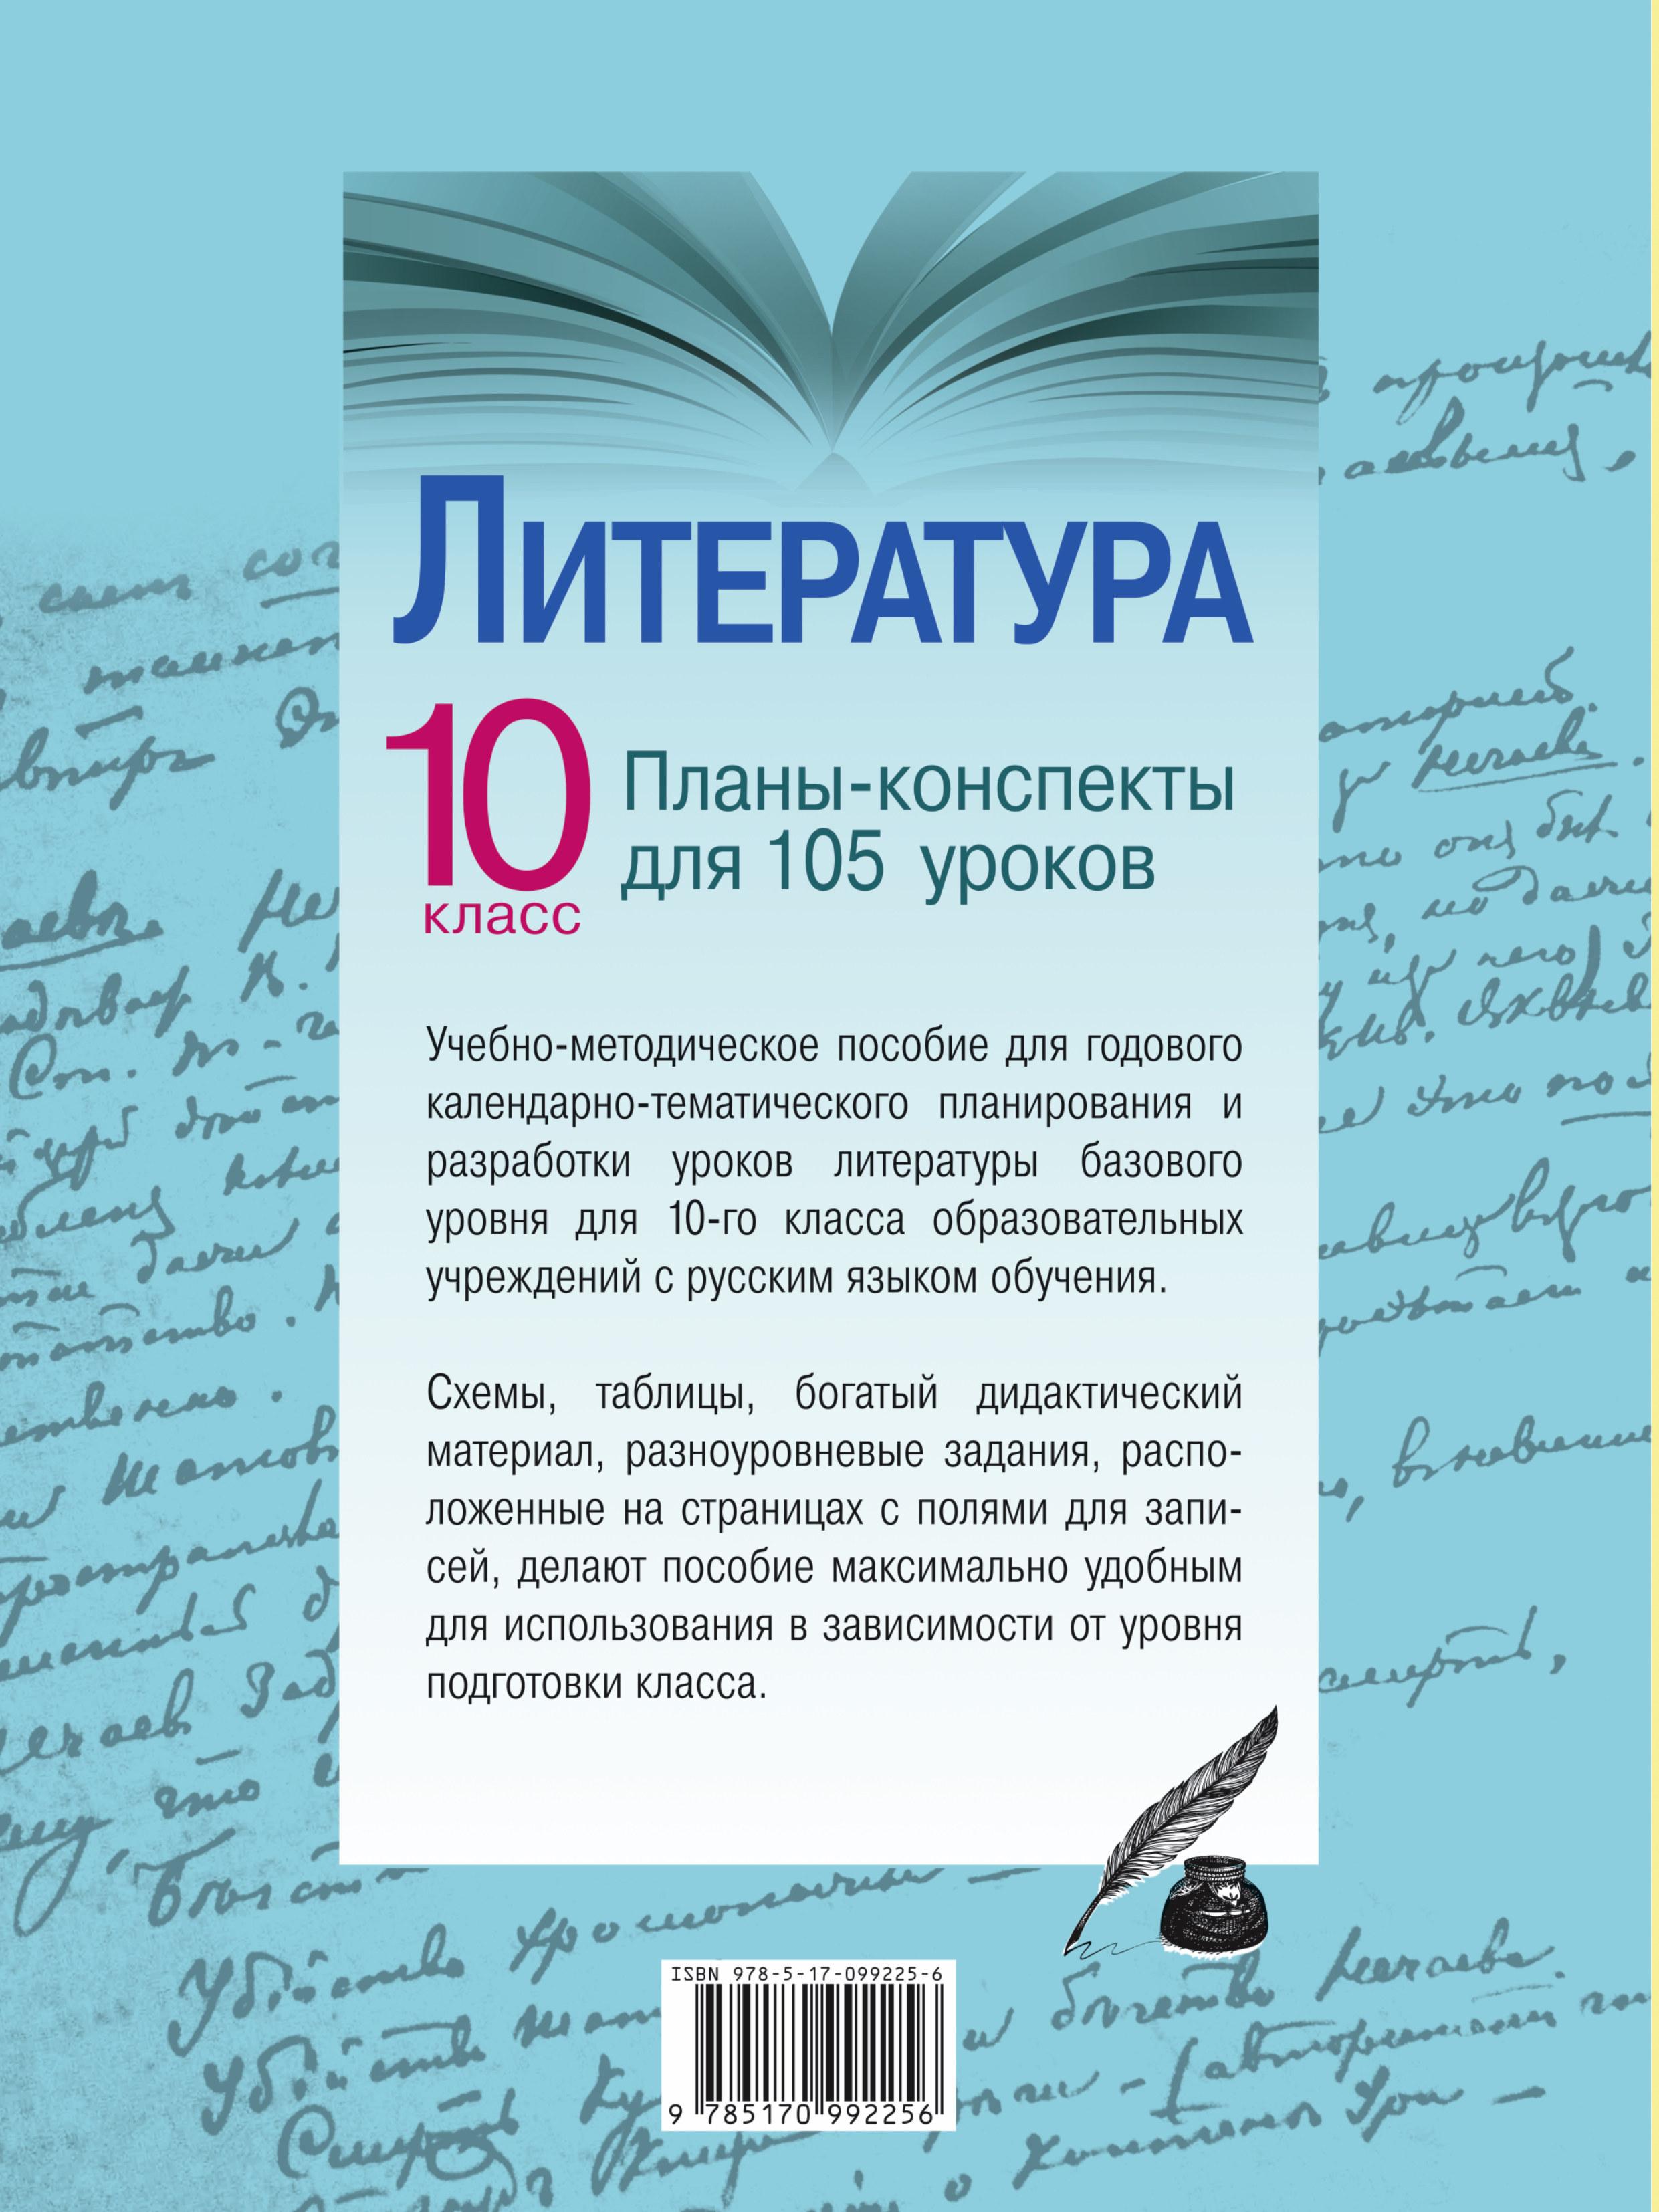 ФЕФИЛОВА ЛИТЕРАТУРА 10 КЛАСС ПЛАНЫ КОНСПЕКТЫ УРОКОВ СКАЧАТЬ БЕСПЛАТНО